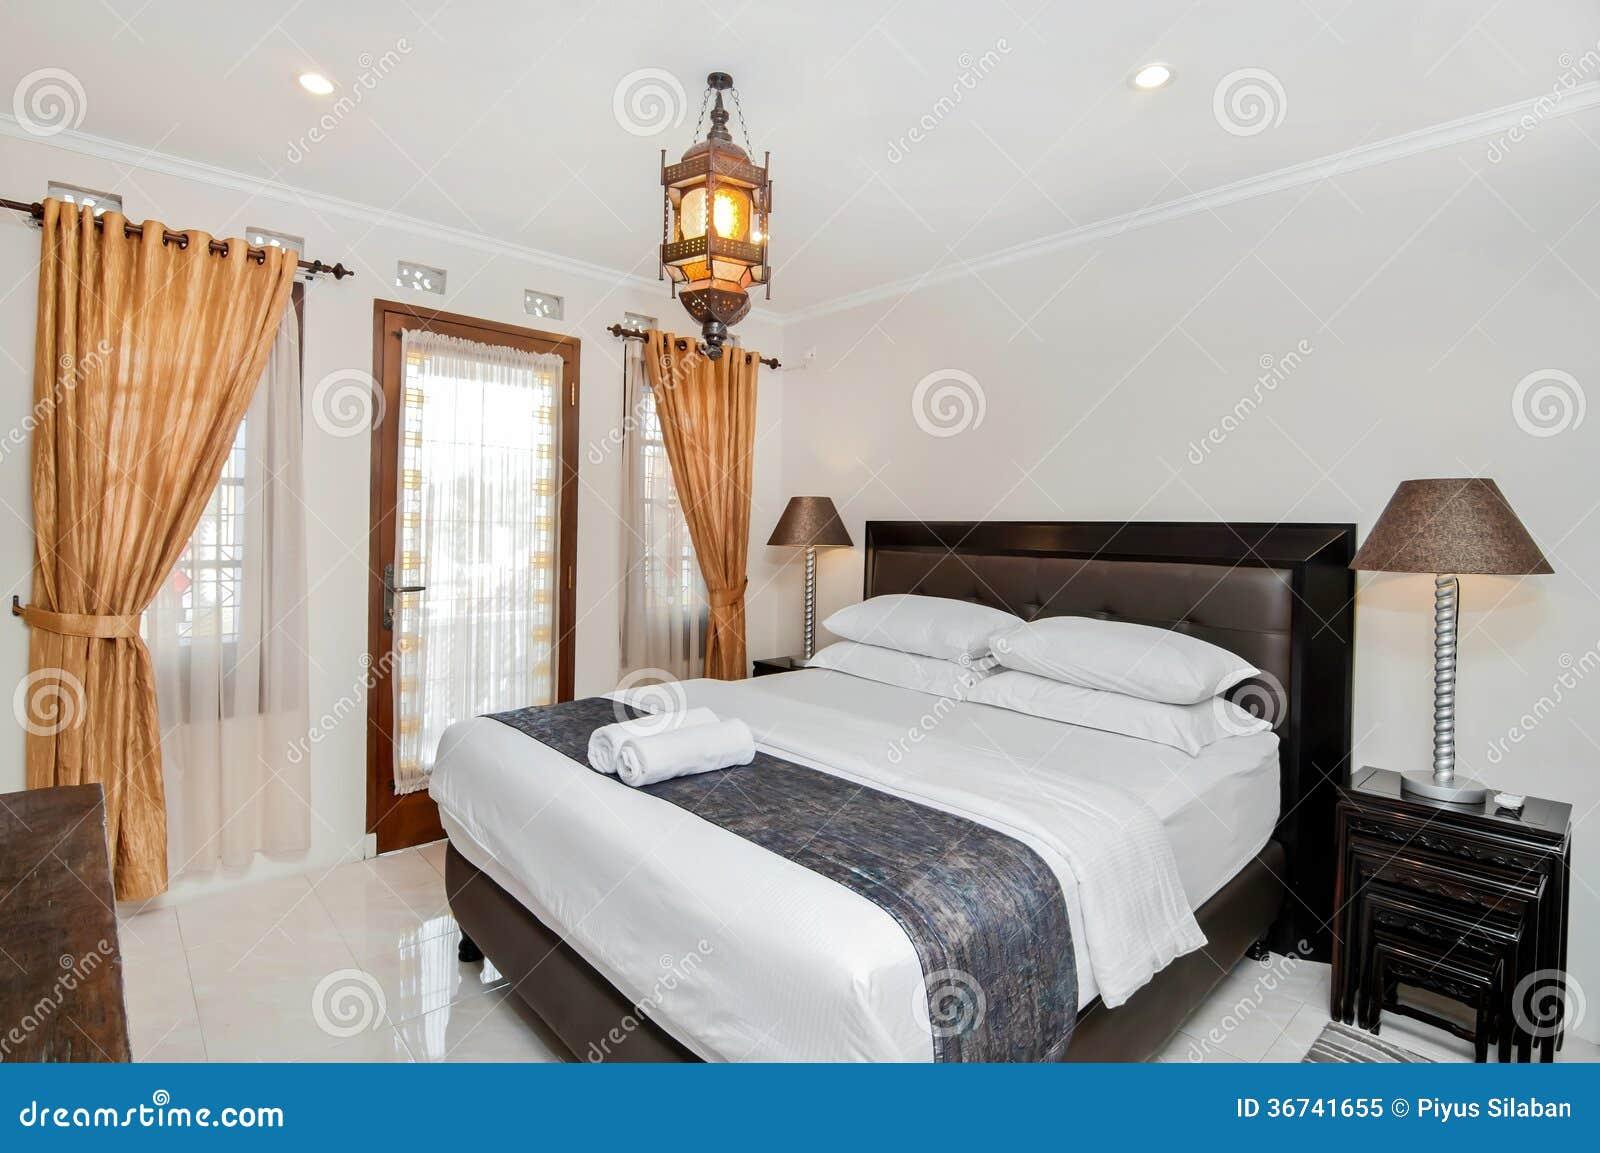 Modernes, Nizza Und Kühles Schlafzimmer Stockbild - Bild von kissen ...